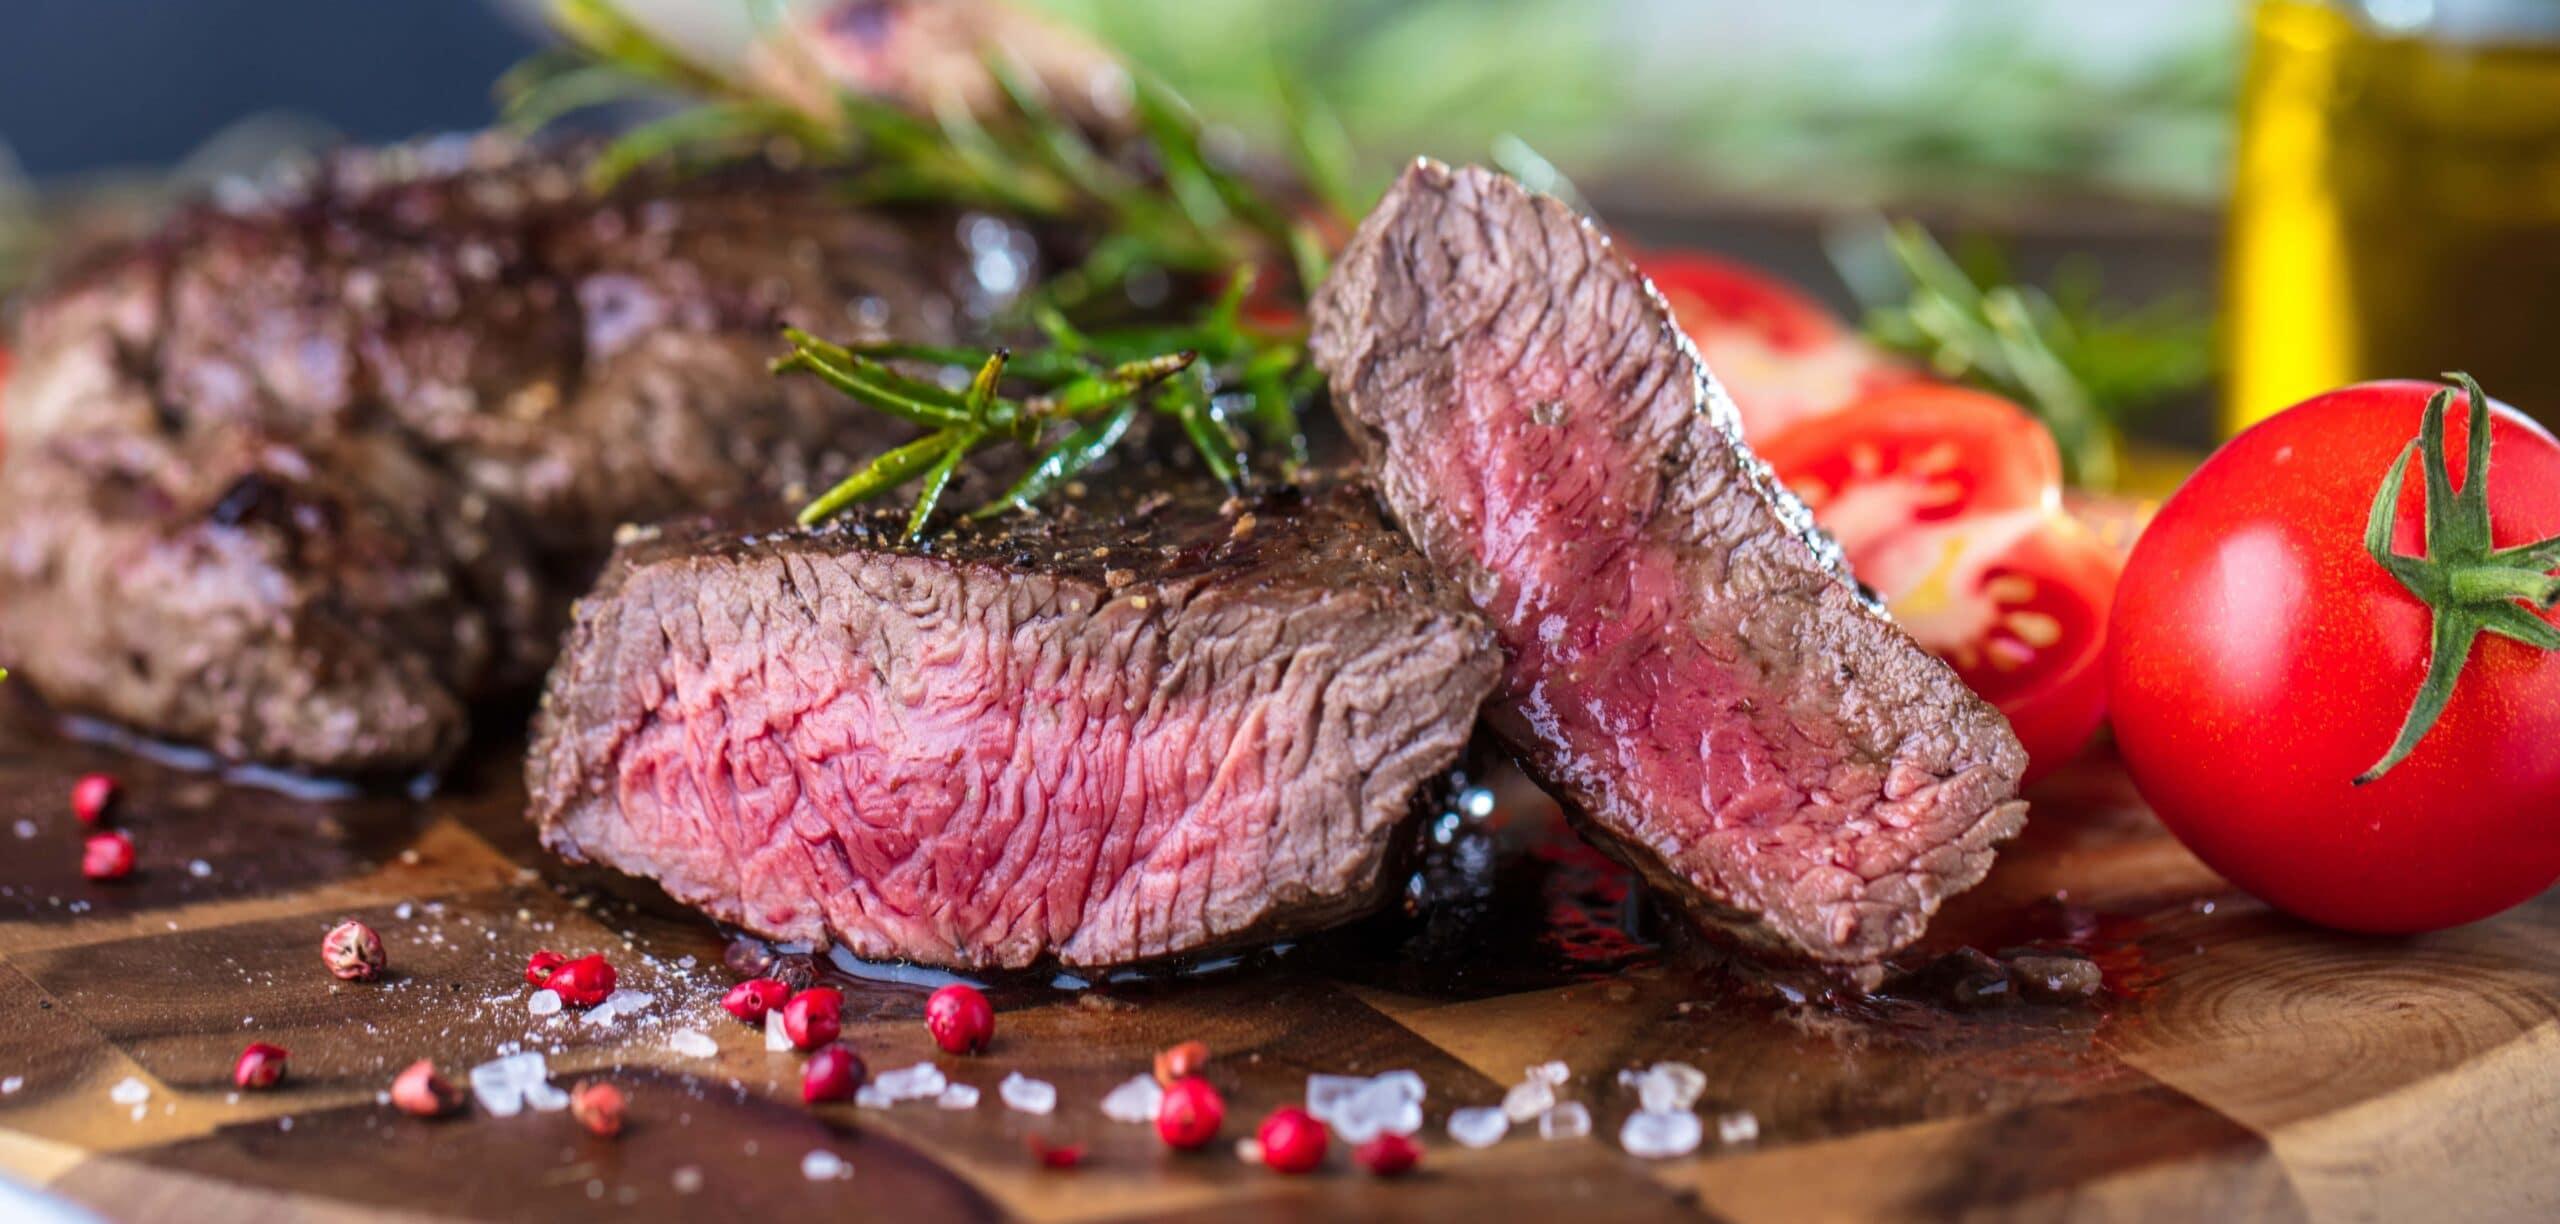 fonti alimentari di grassi nella carne